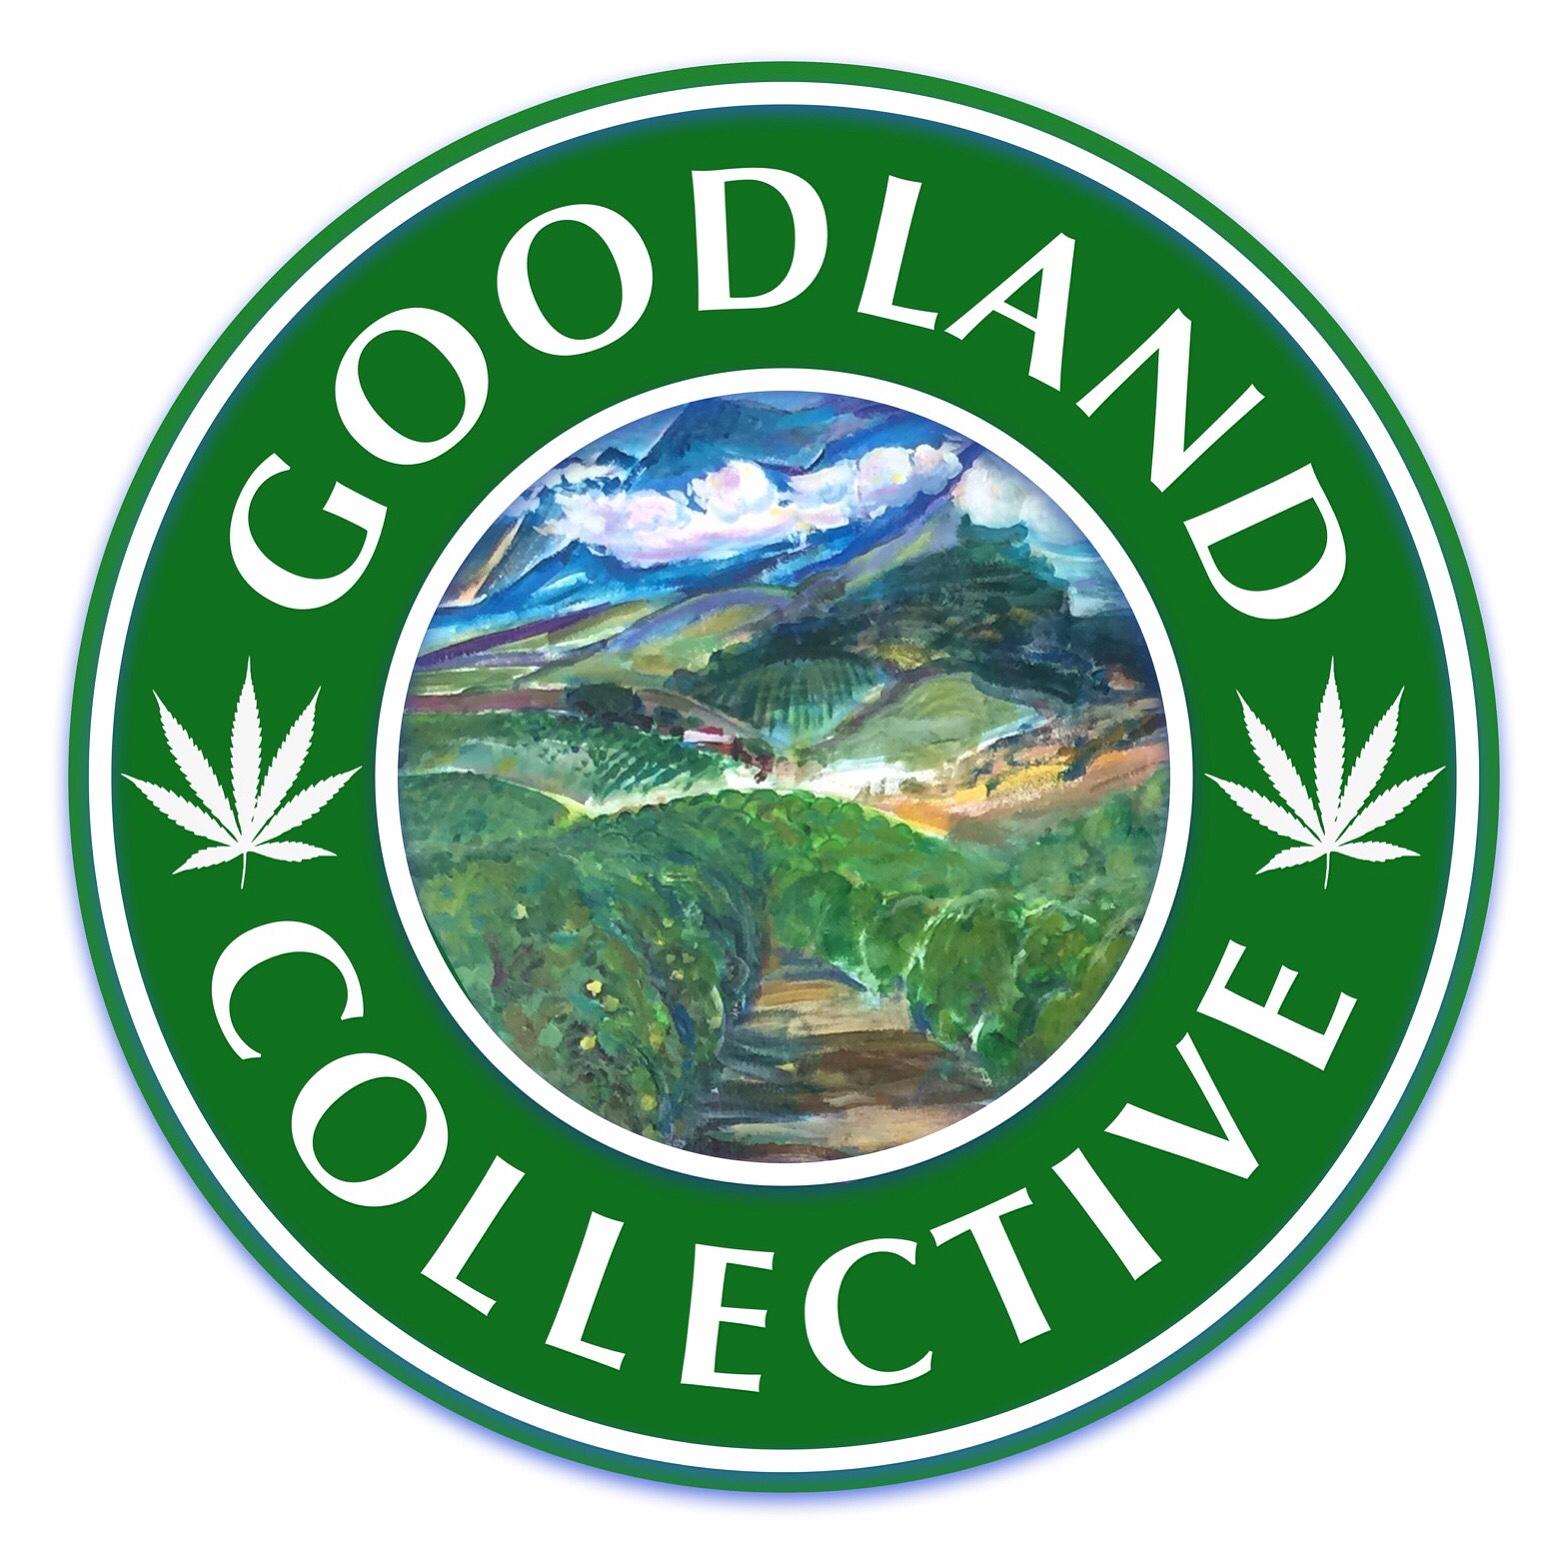 Goodland logo